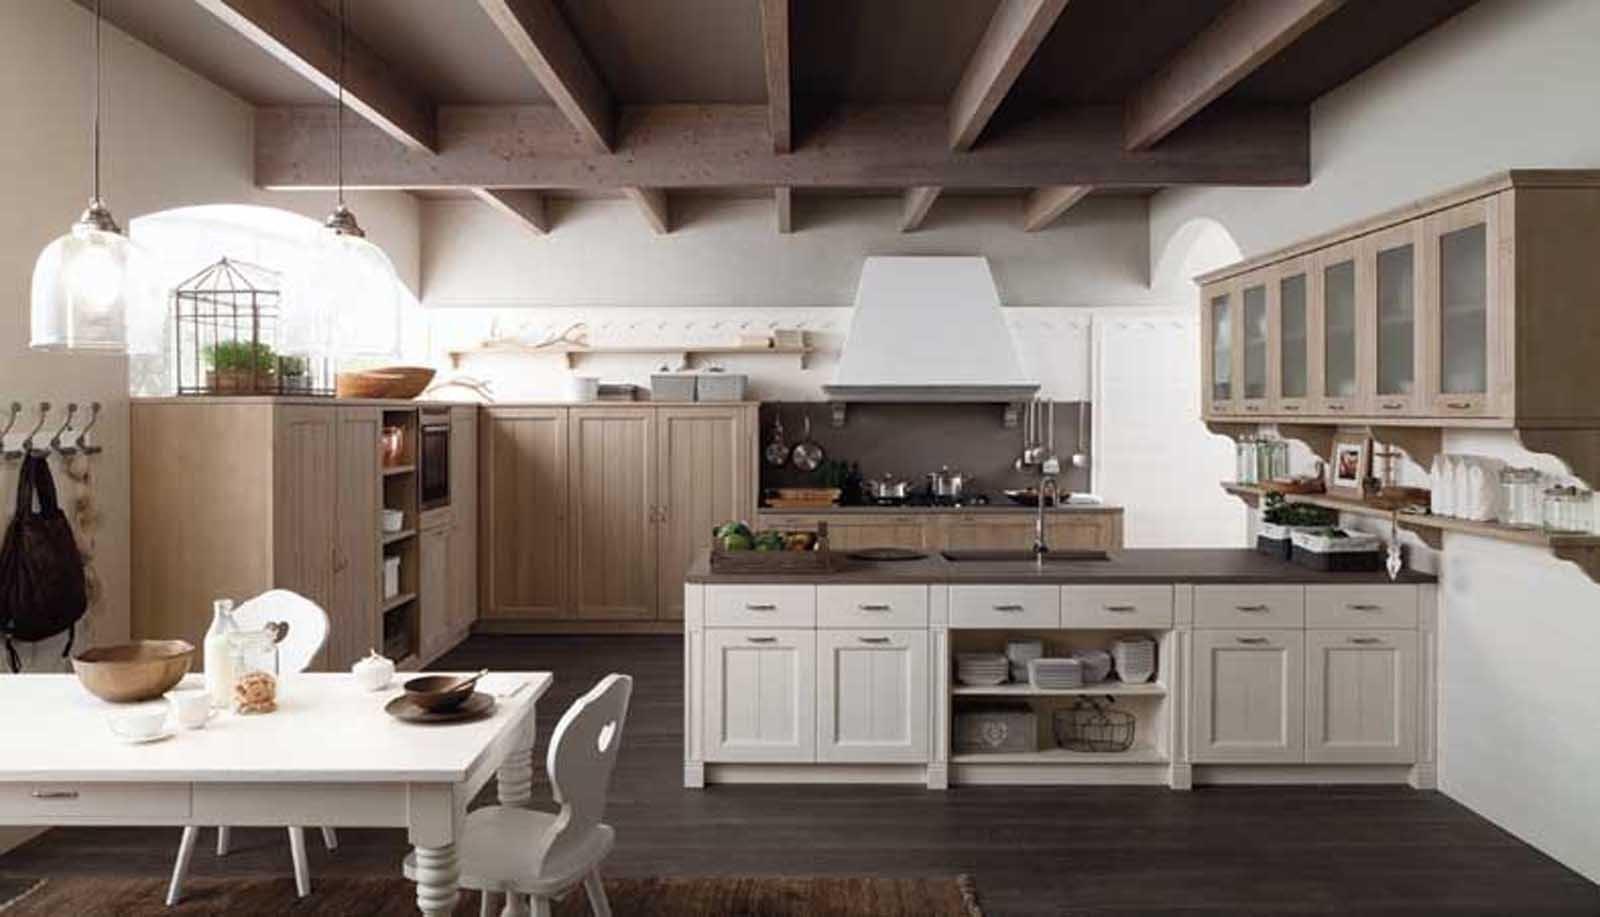 Cucine country una scelta di stile cose di casa - Immagine cucine moderne ...